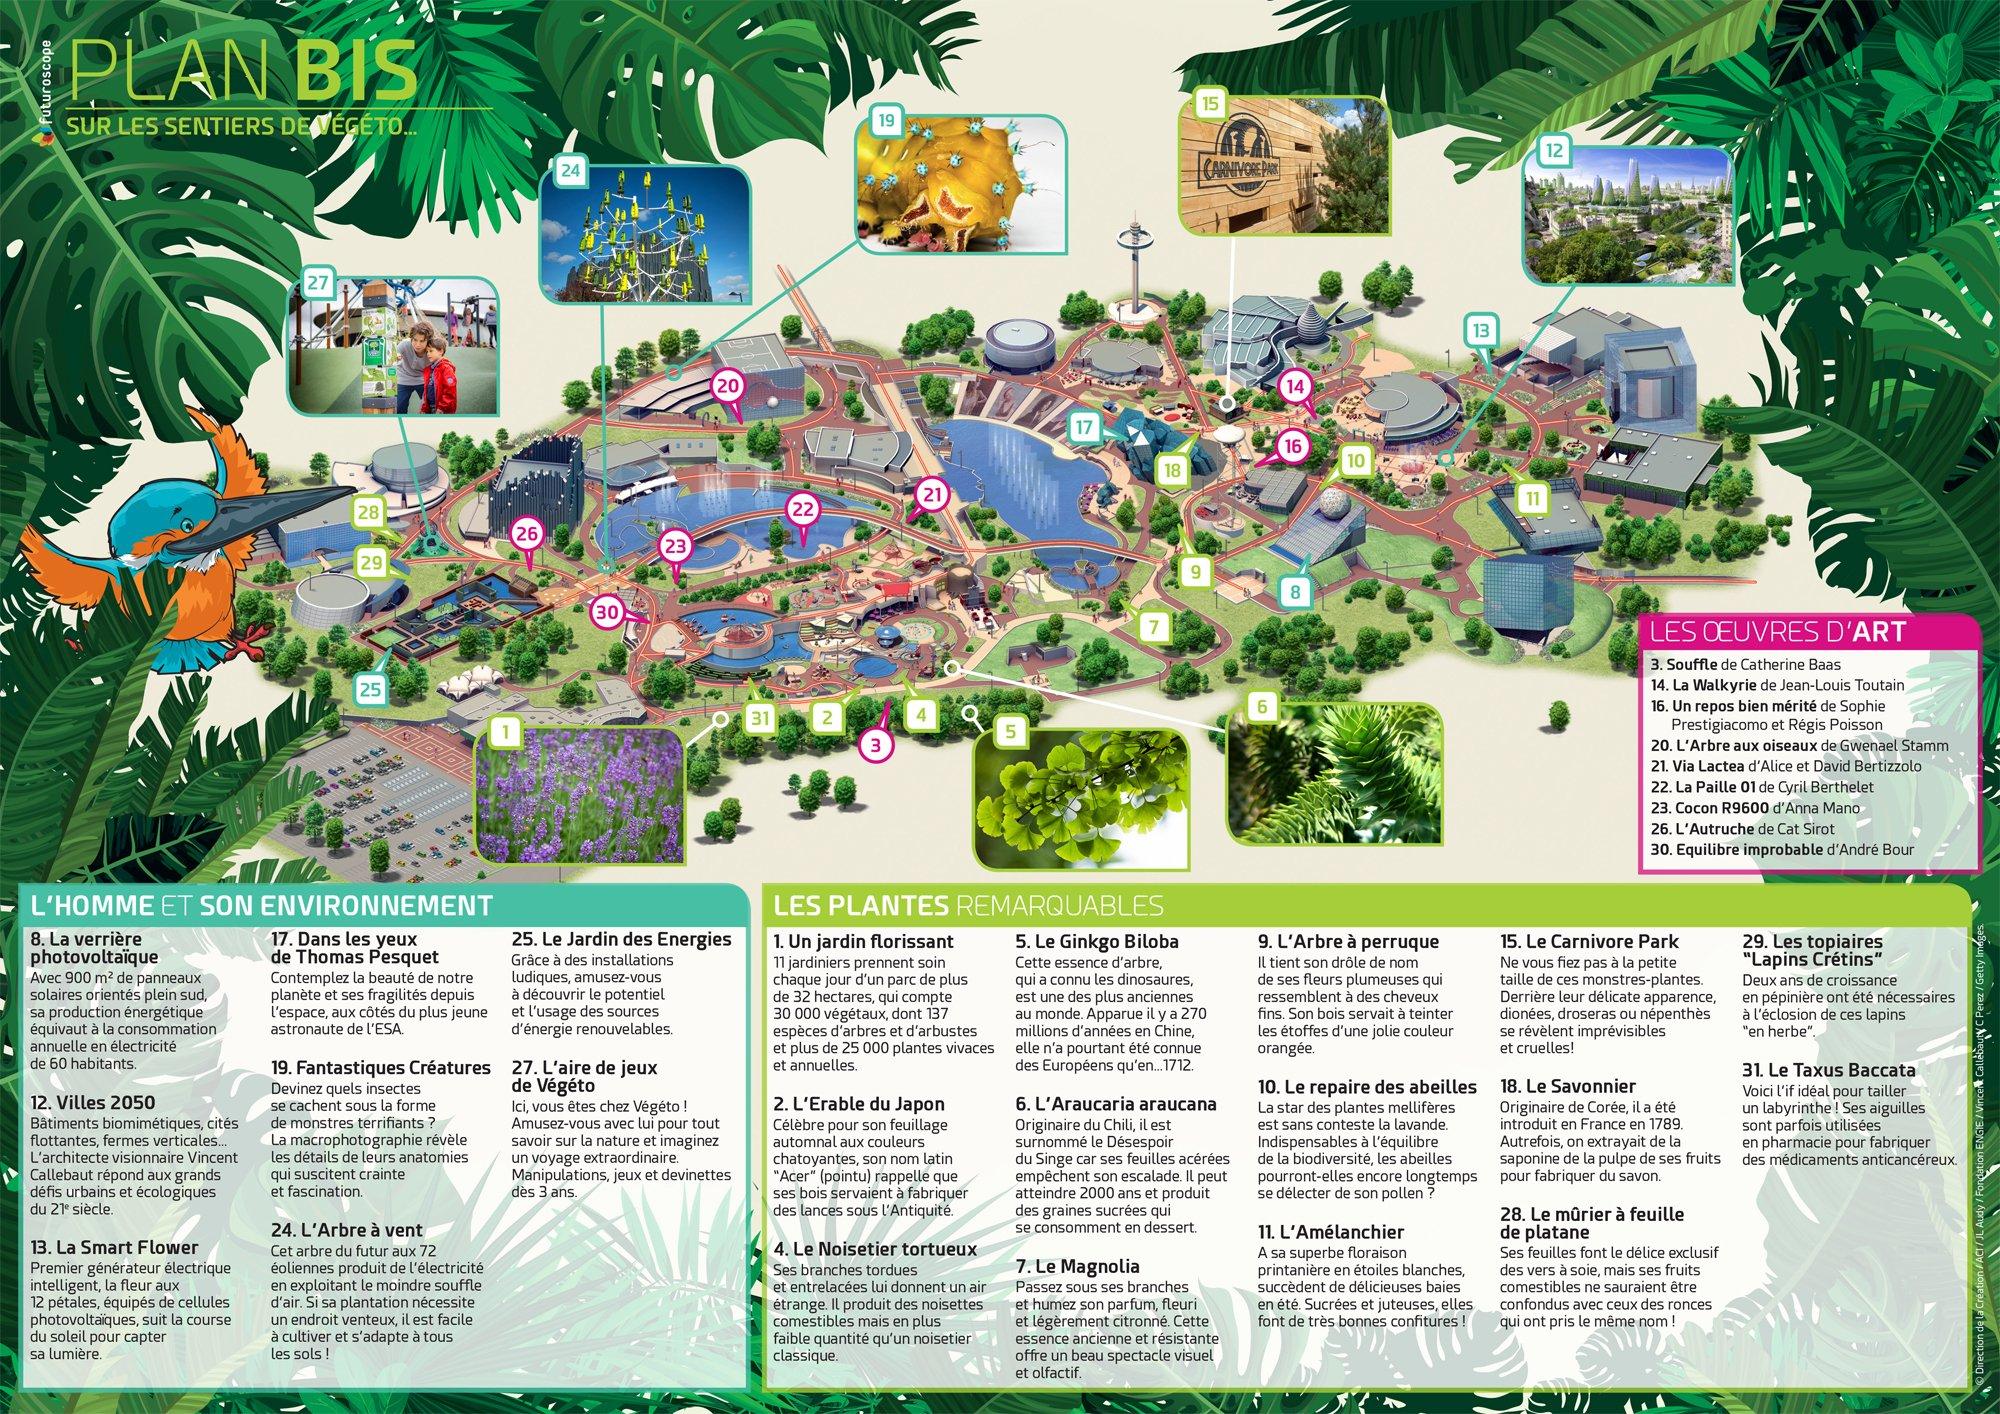 Plans de visite, signalétique et orientation - Page 27 Dis4bHtXUAI6Wmm